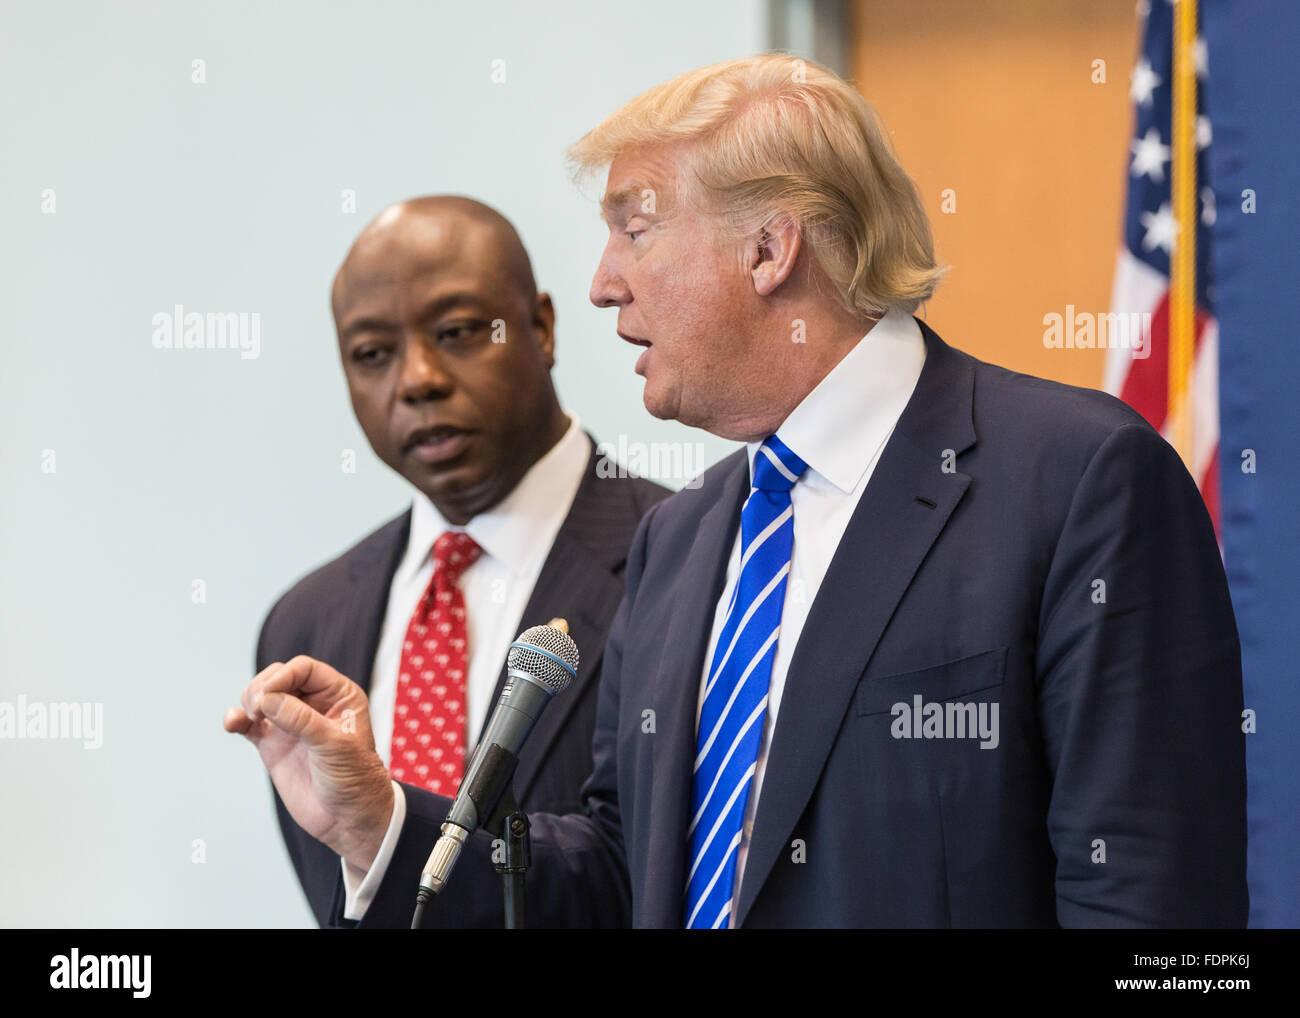 Columbia, Caroline du Sud - le 23 septembre 2015: Trump(R) parle à la presse avant son assemblée publique avec le sénateur Tim Scott. Banque D'Images